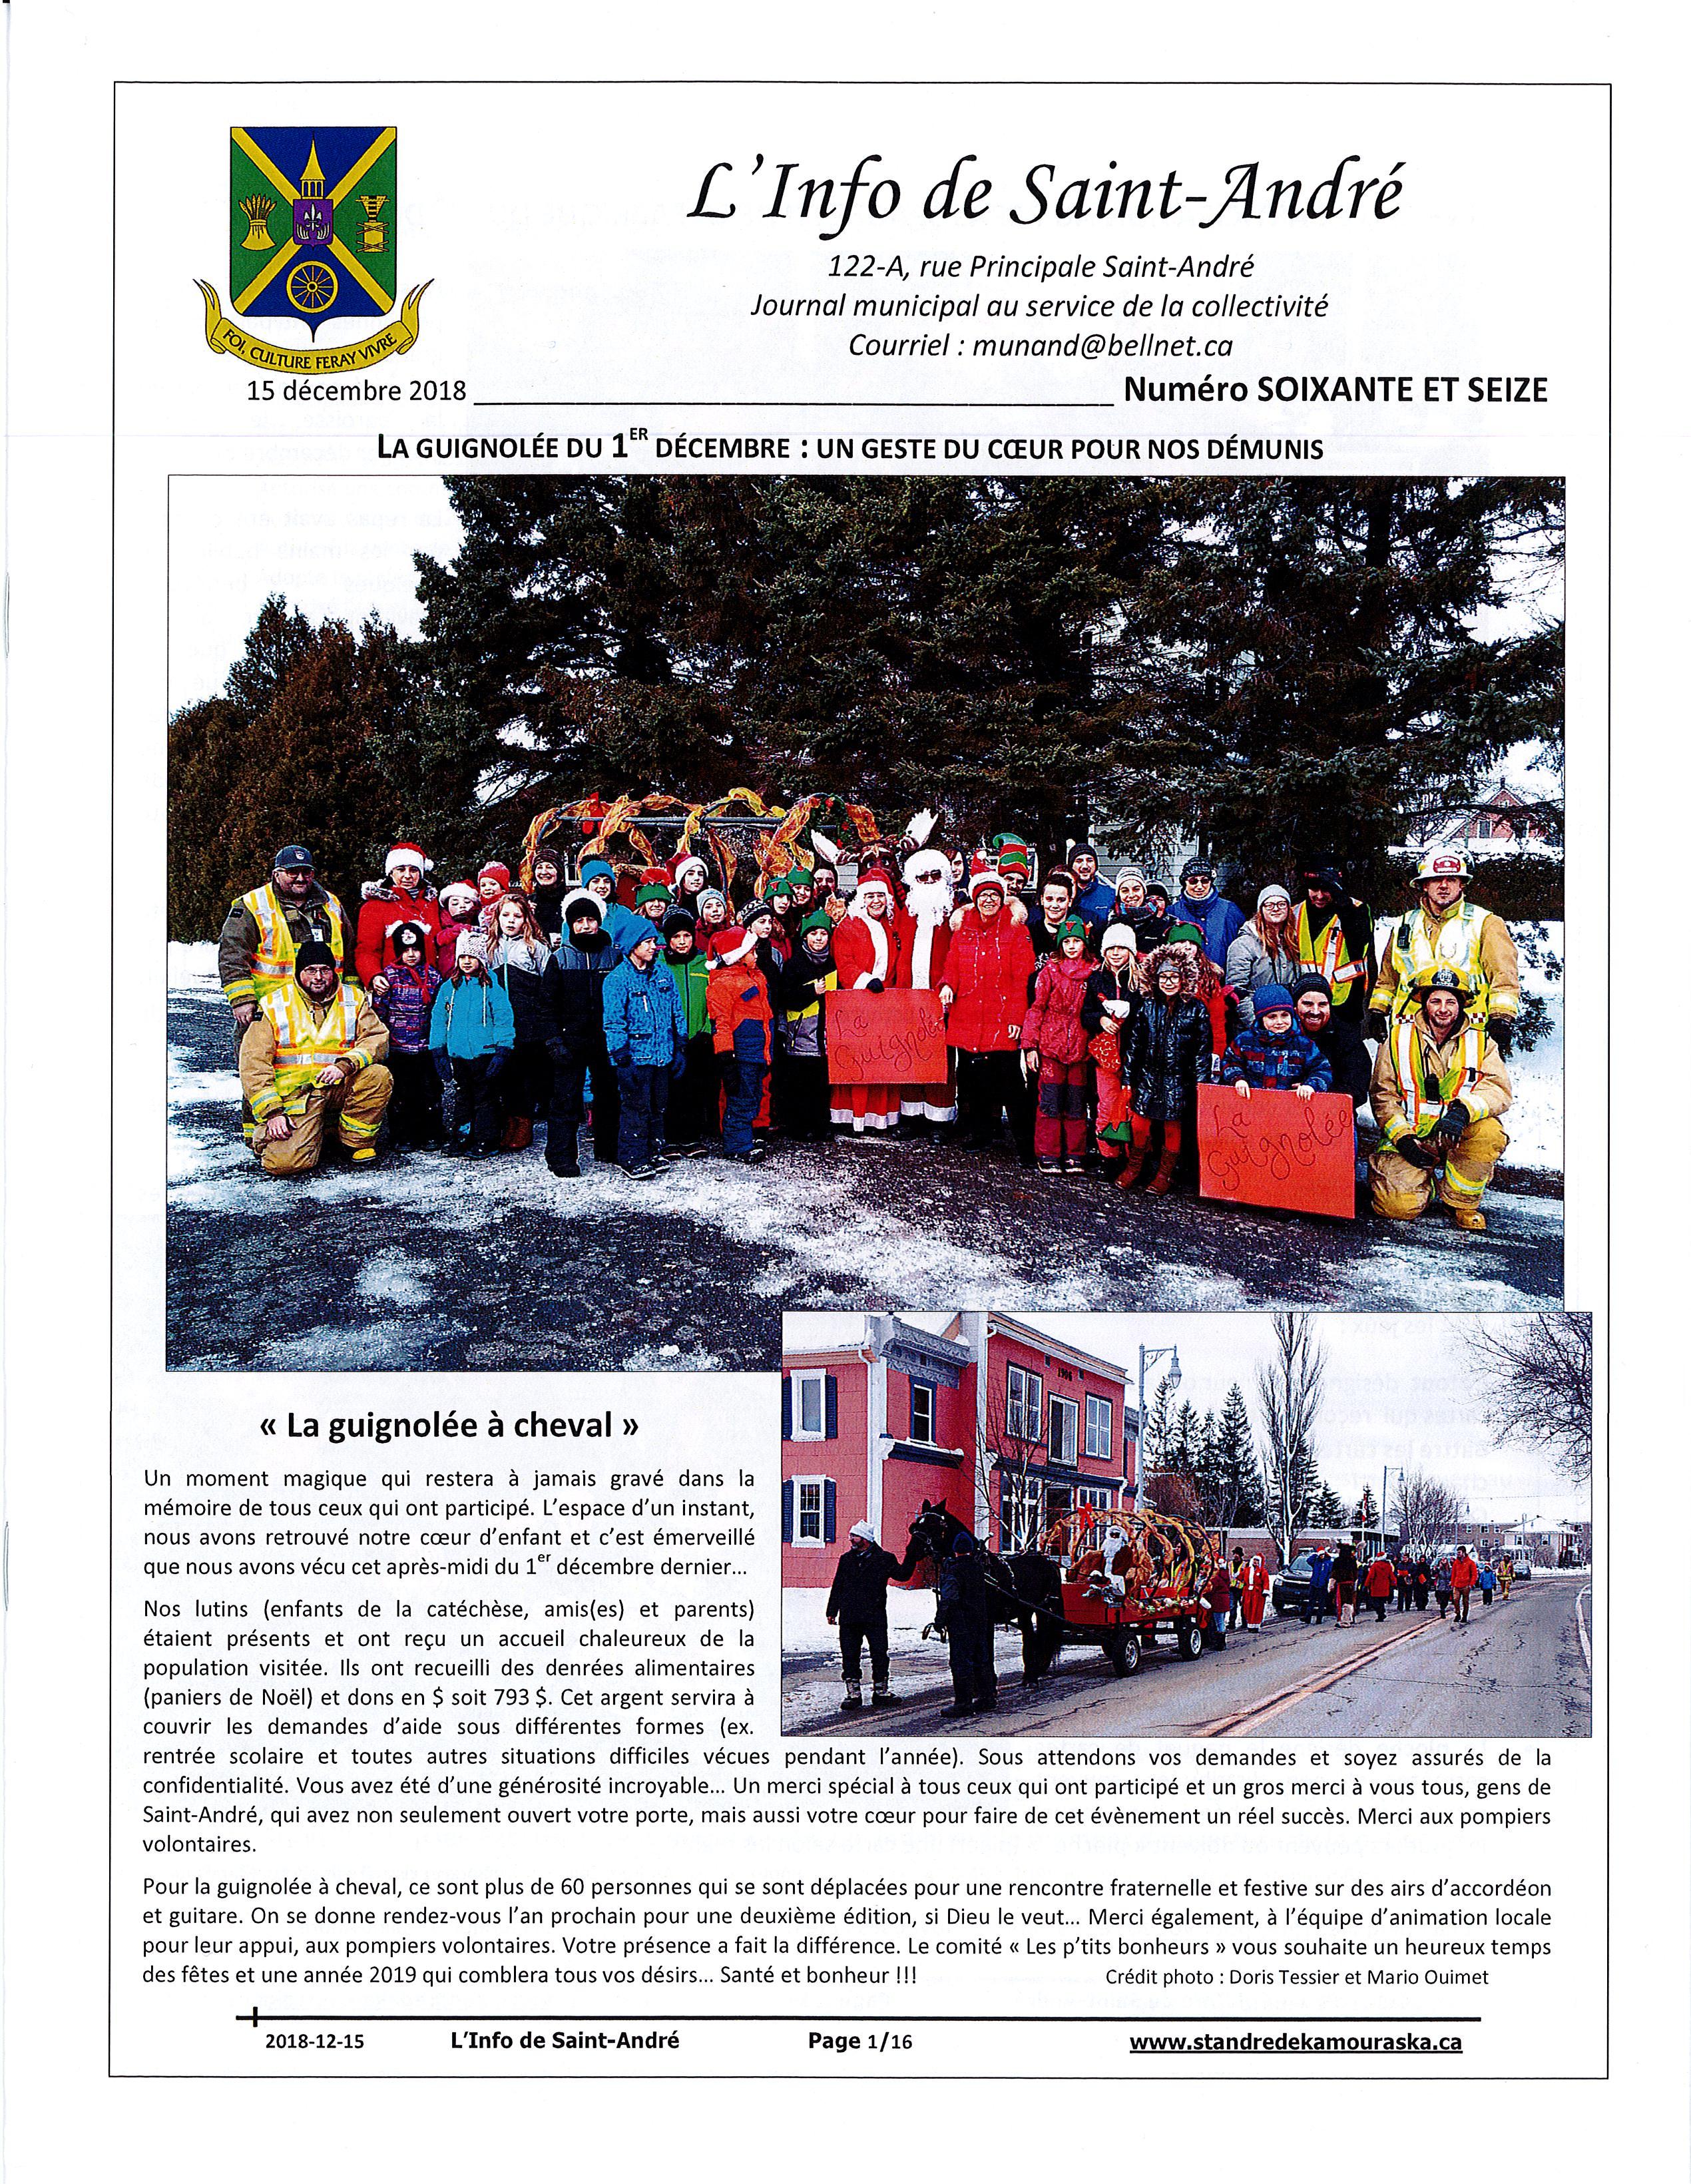 L'info de Saint-André décembre 2018